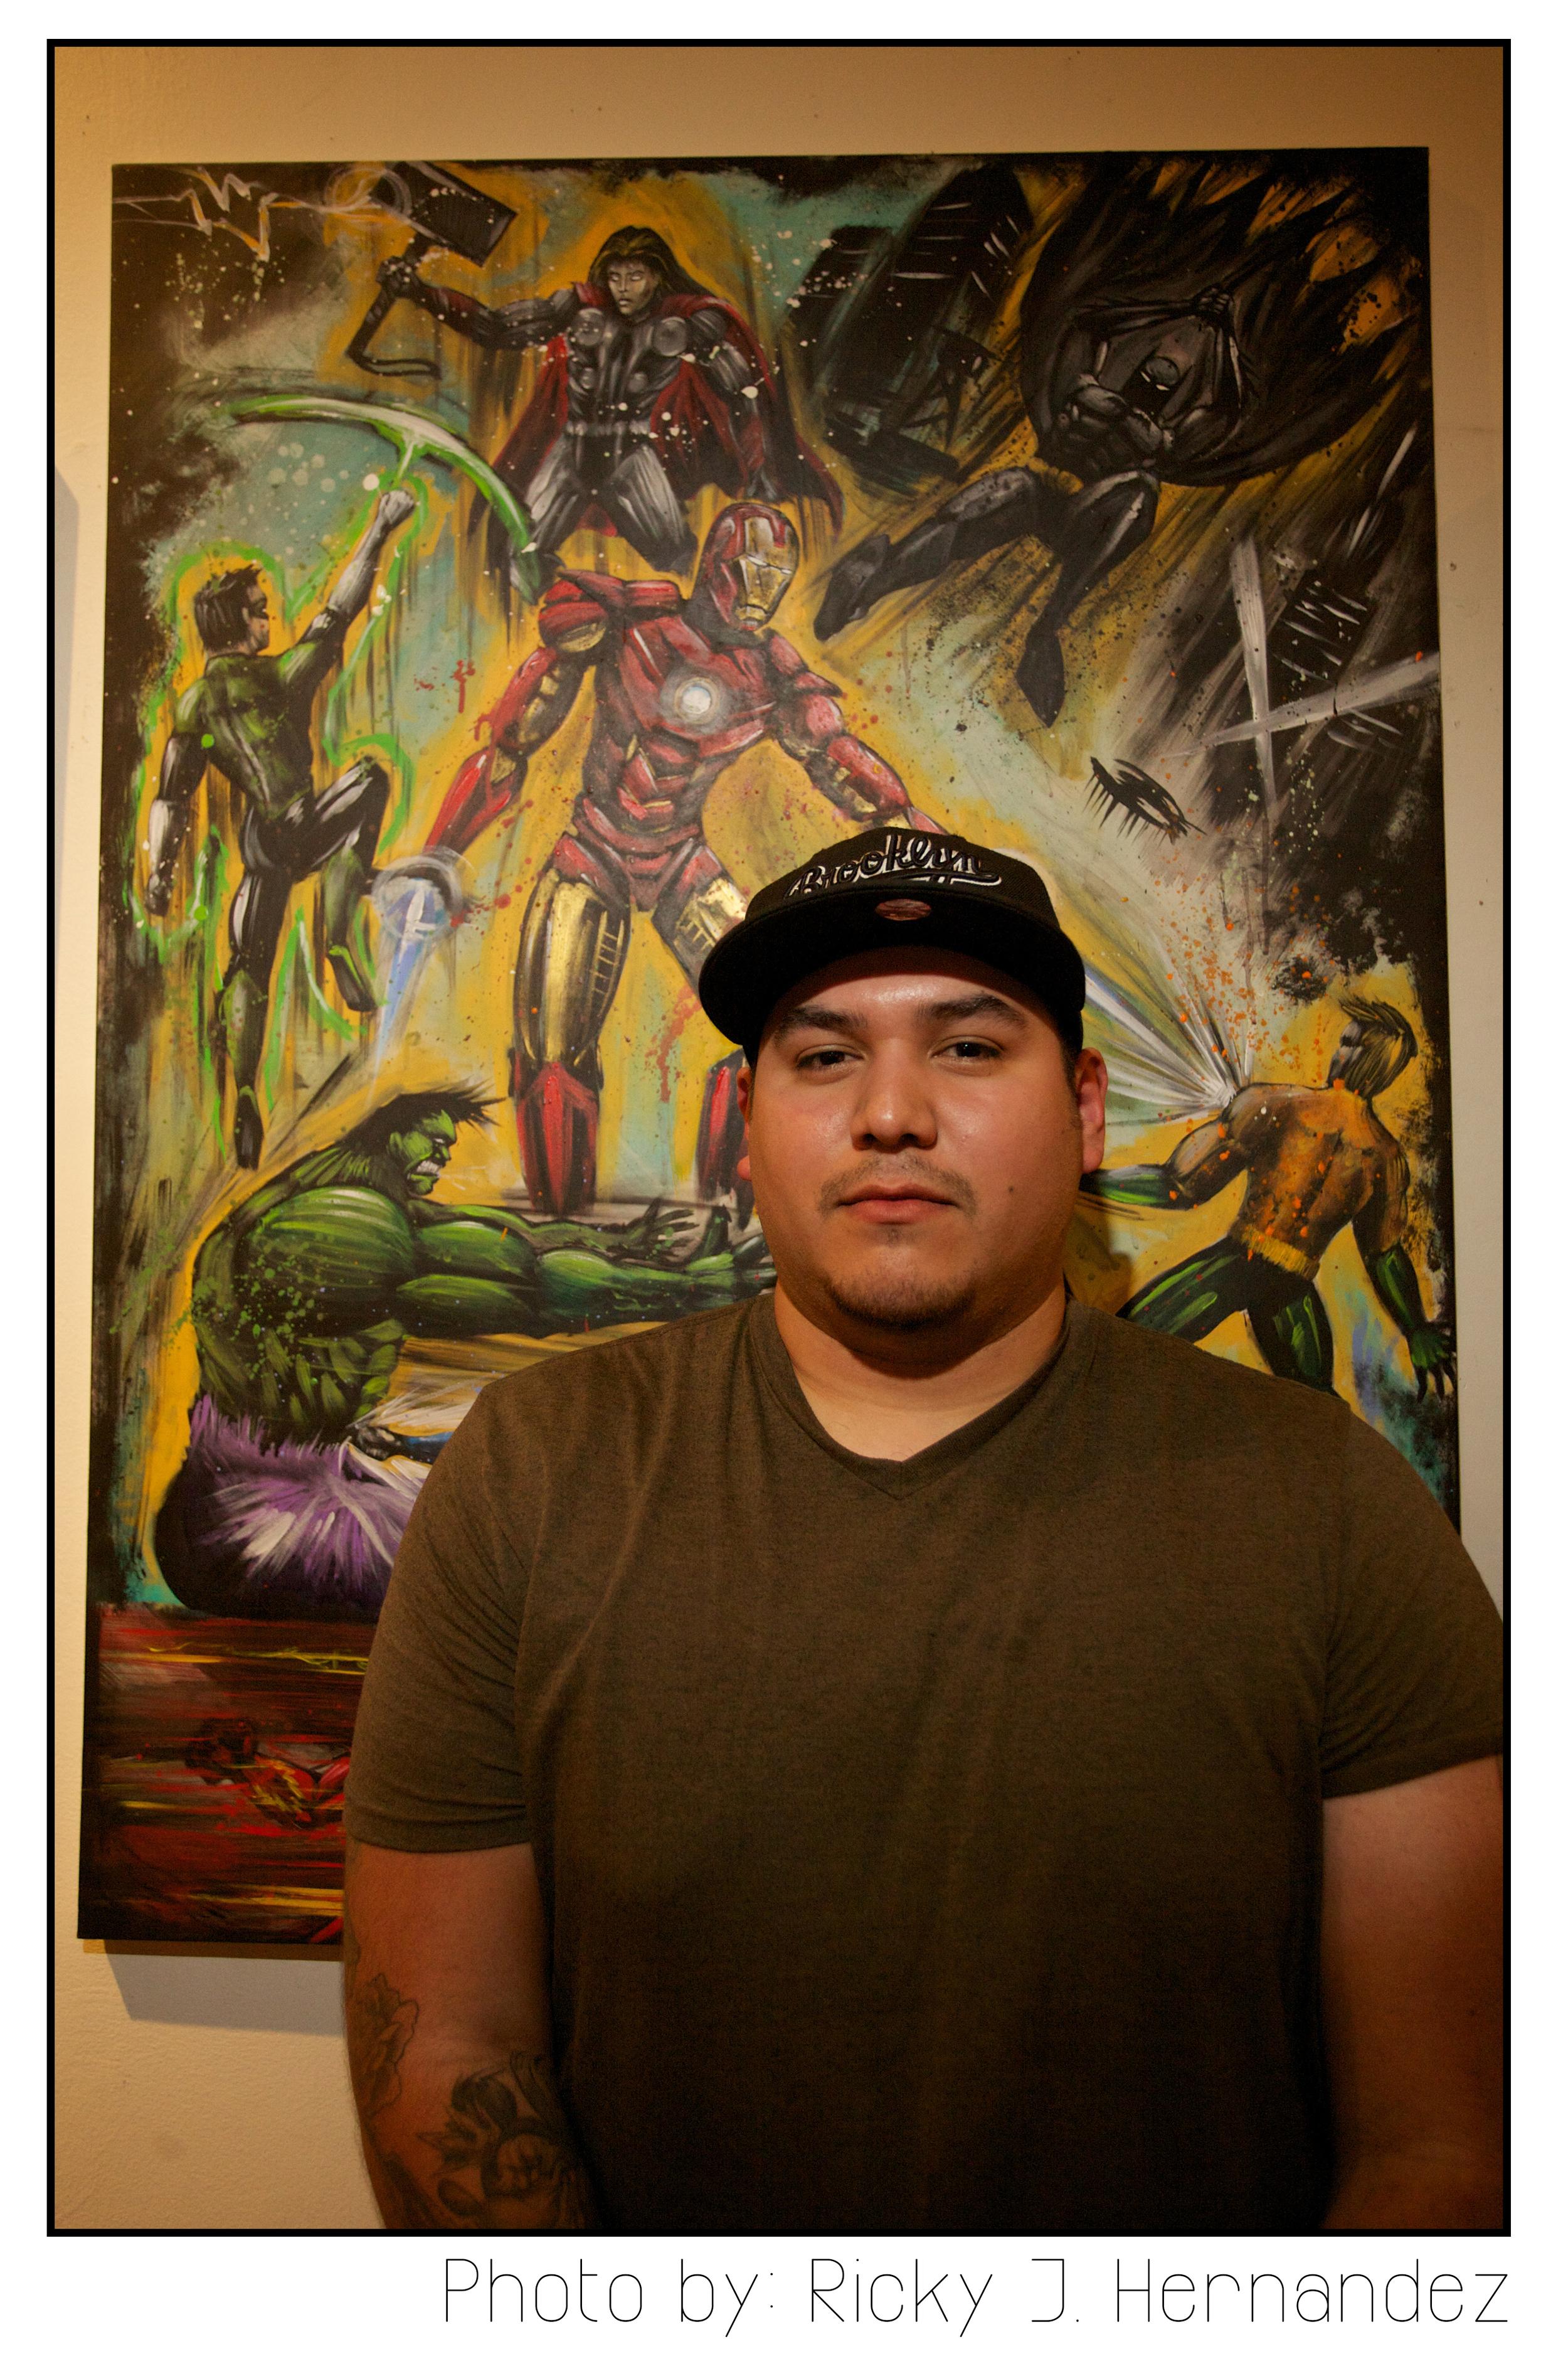 Ricky-J-Hernandez-com-714-200-3032-img-_MG_4615 copy